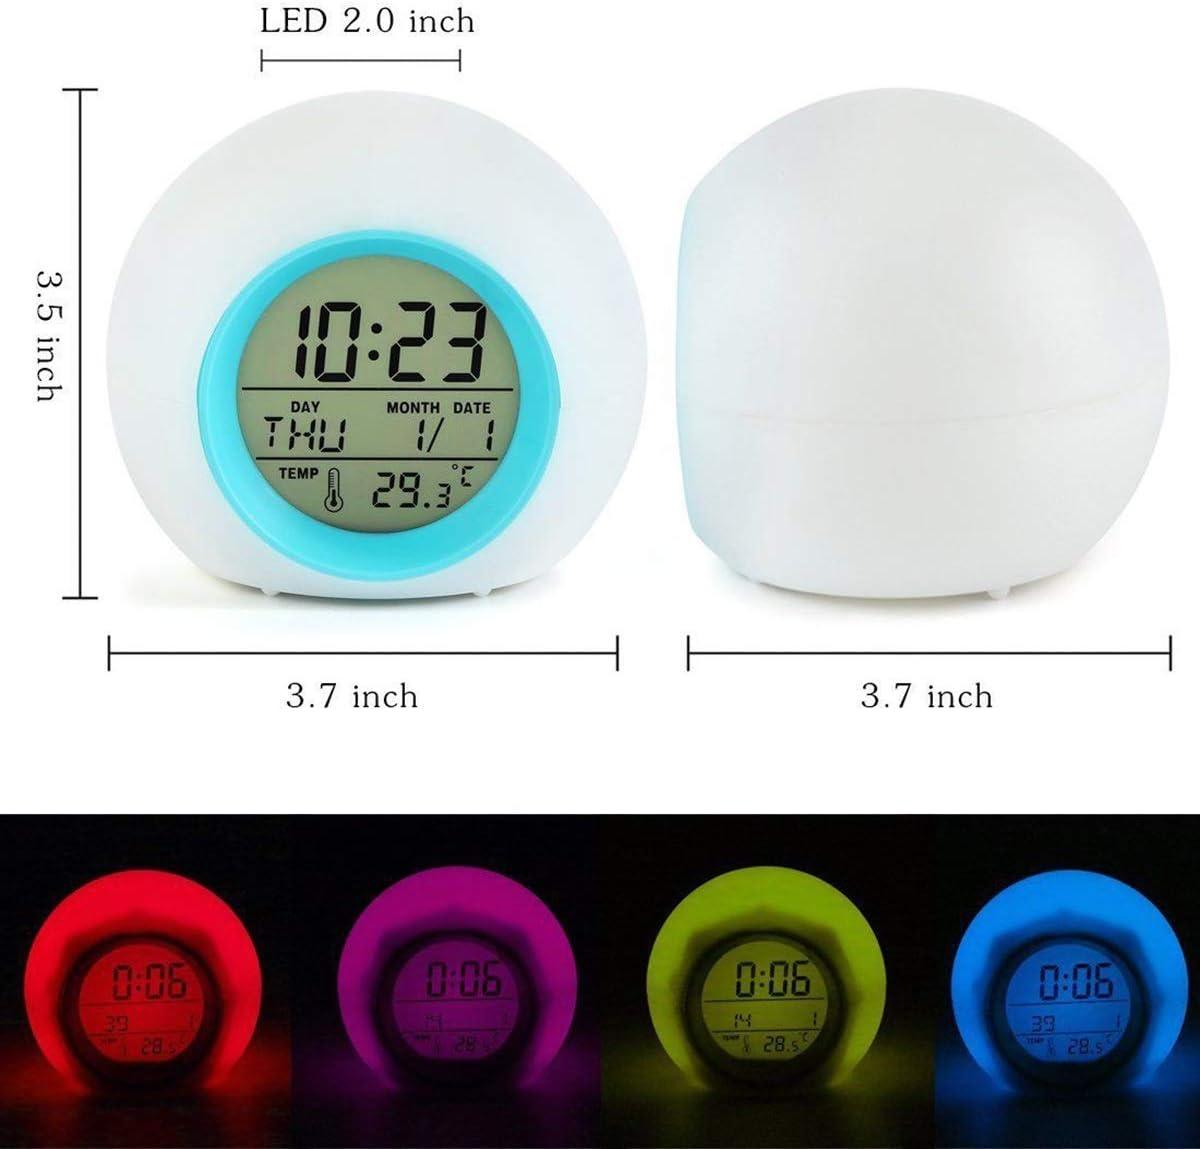 Haikaini R/éveil num/érique Color : Red r/éveil Led r/éveil de chevet Snooze sons naturels calendrier temp/érature fonction lampe de nuit id/éal pour cadeau maison